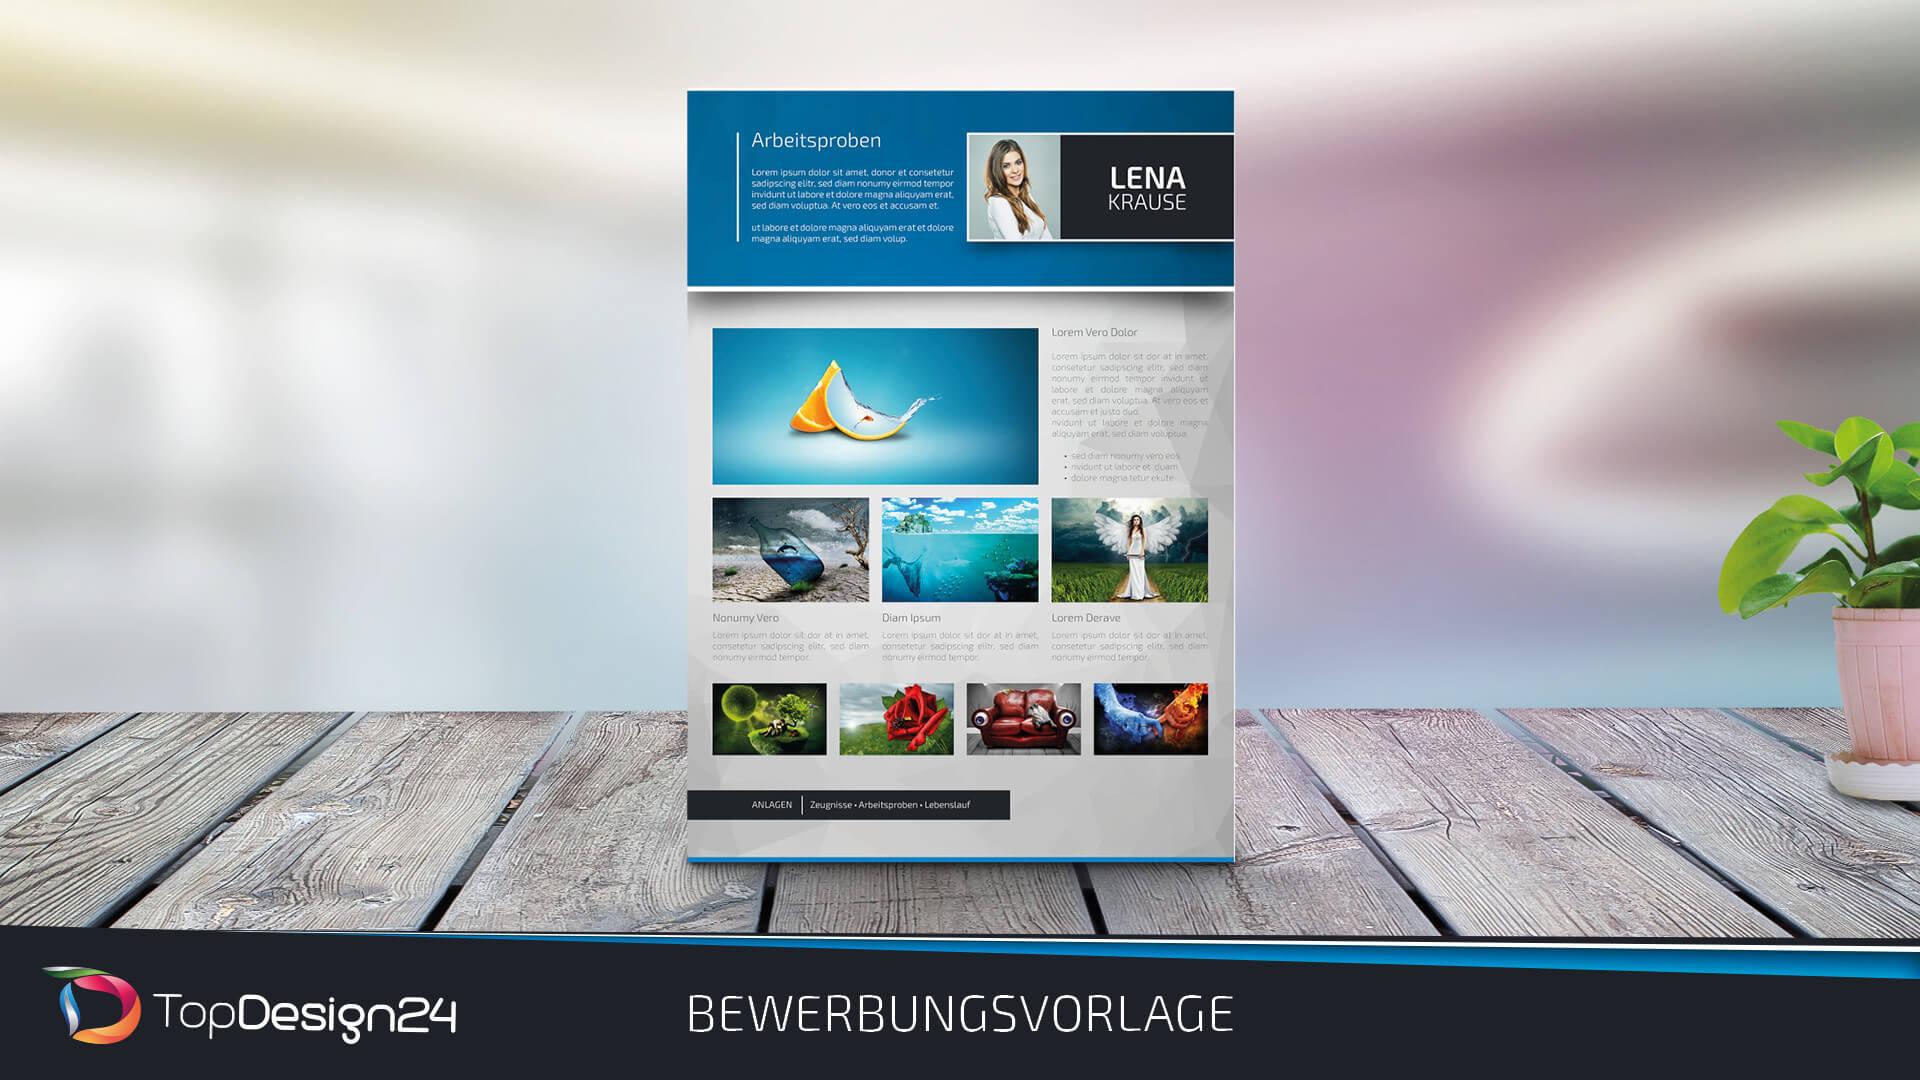 Lebenslauf design 2018 topdesign24 bewerbungsvorlage for Design shop 24